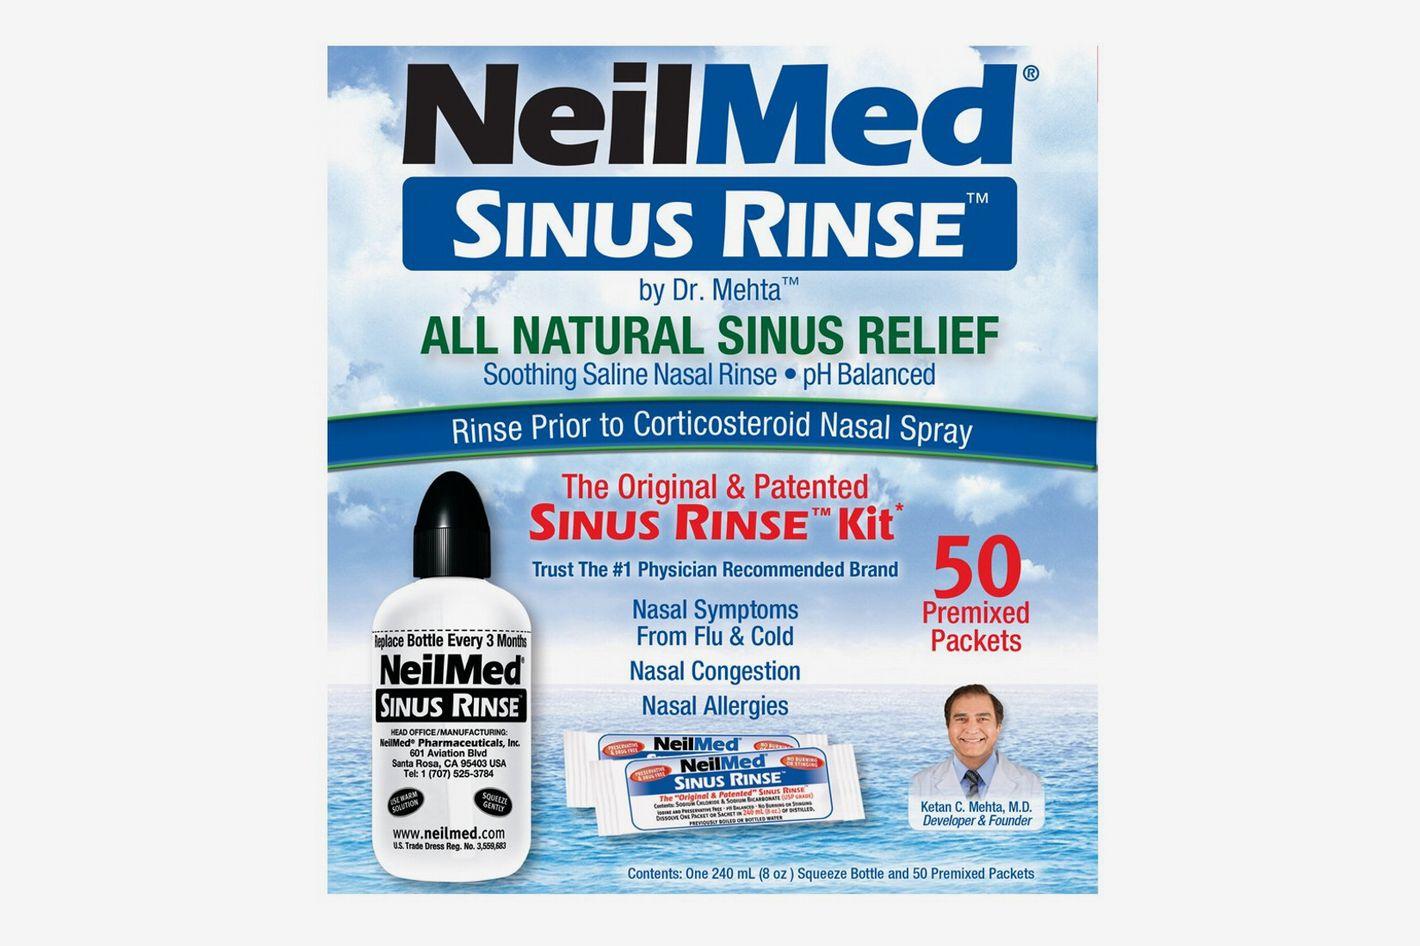 NeilMed Sinus Rinse Kit 50 count (Pack of 2)